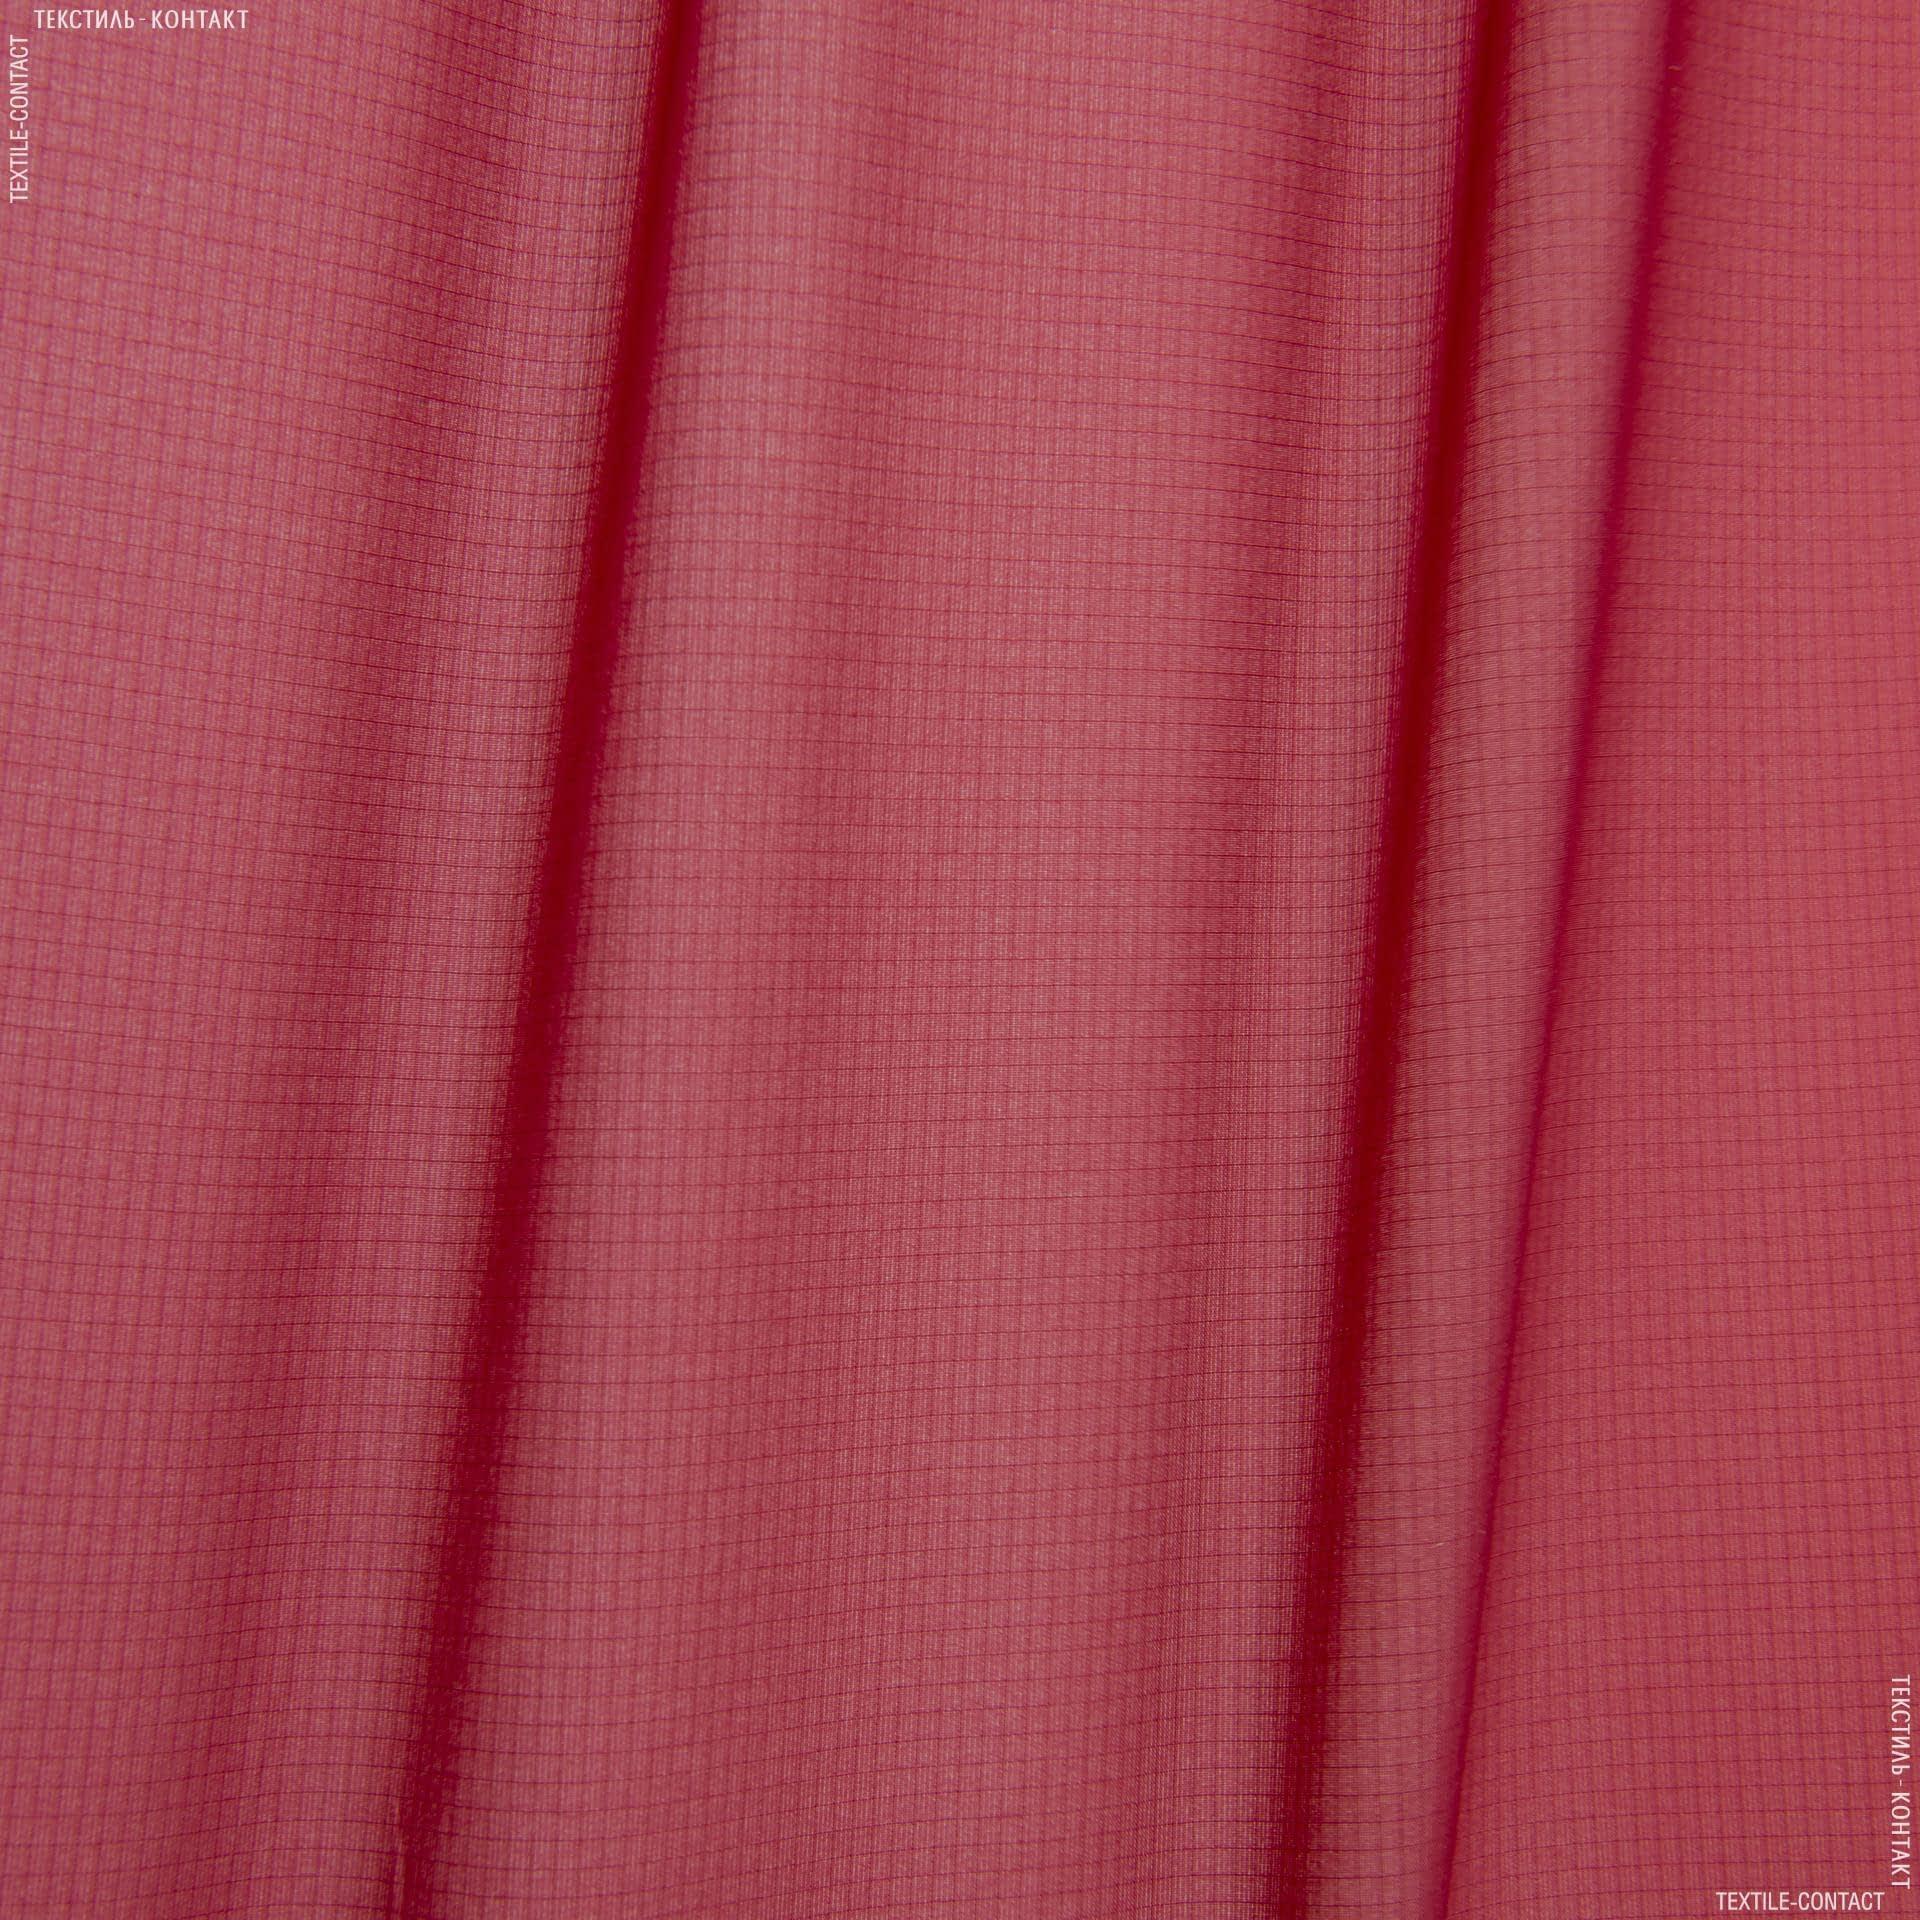 Ткани для палаток - Плащевая нейлон рип-стоп красный